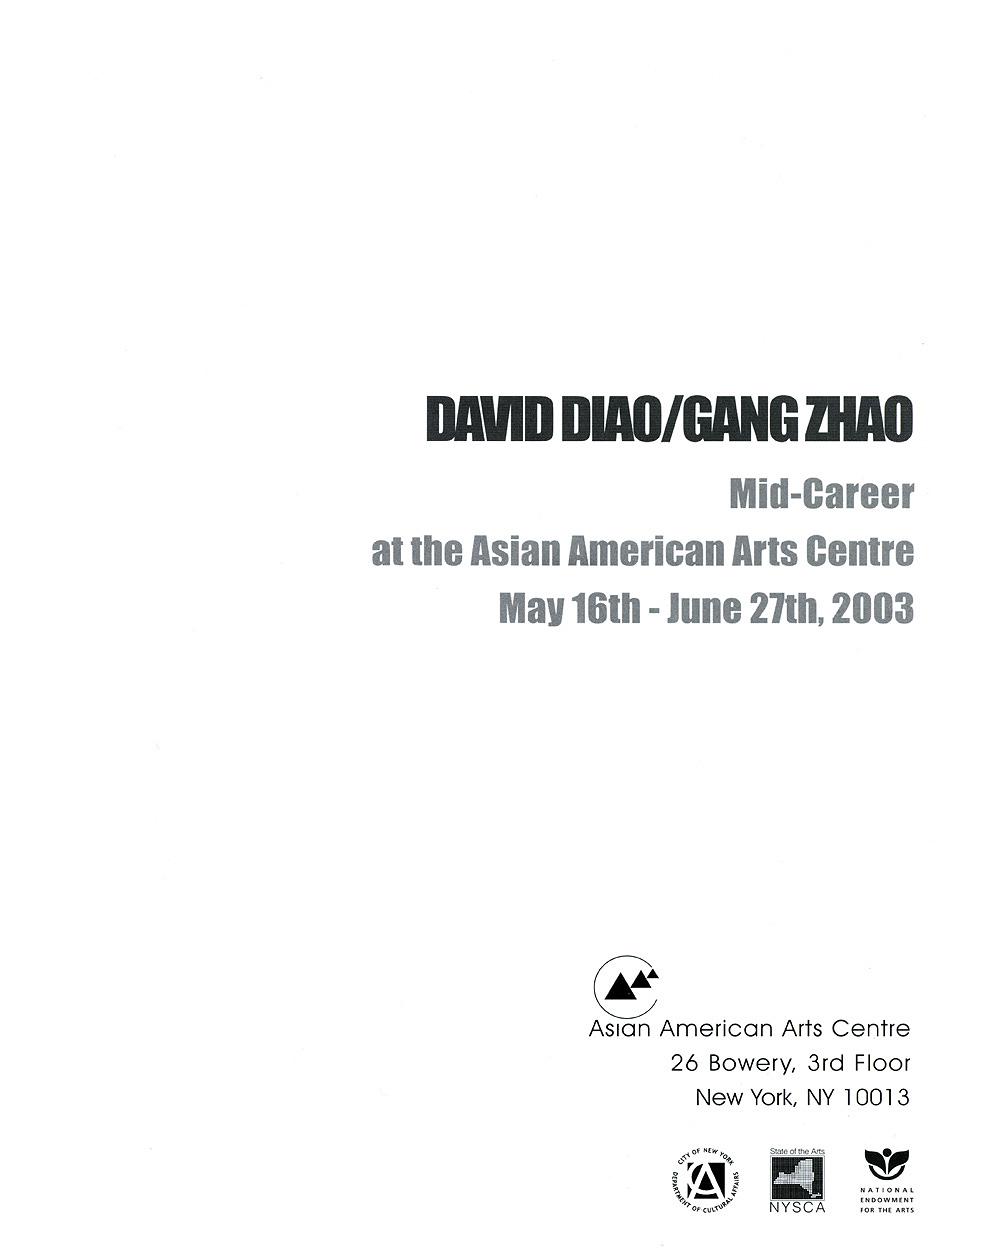 David Diao/Gang Zhao, title page